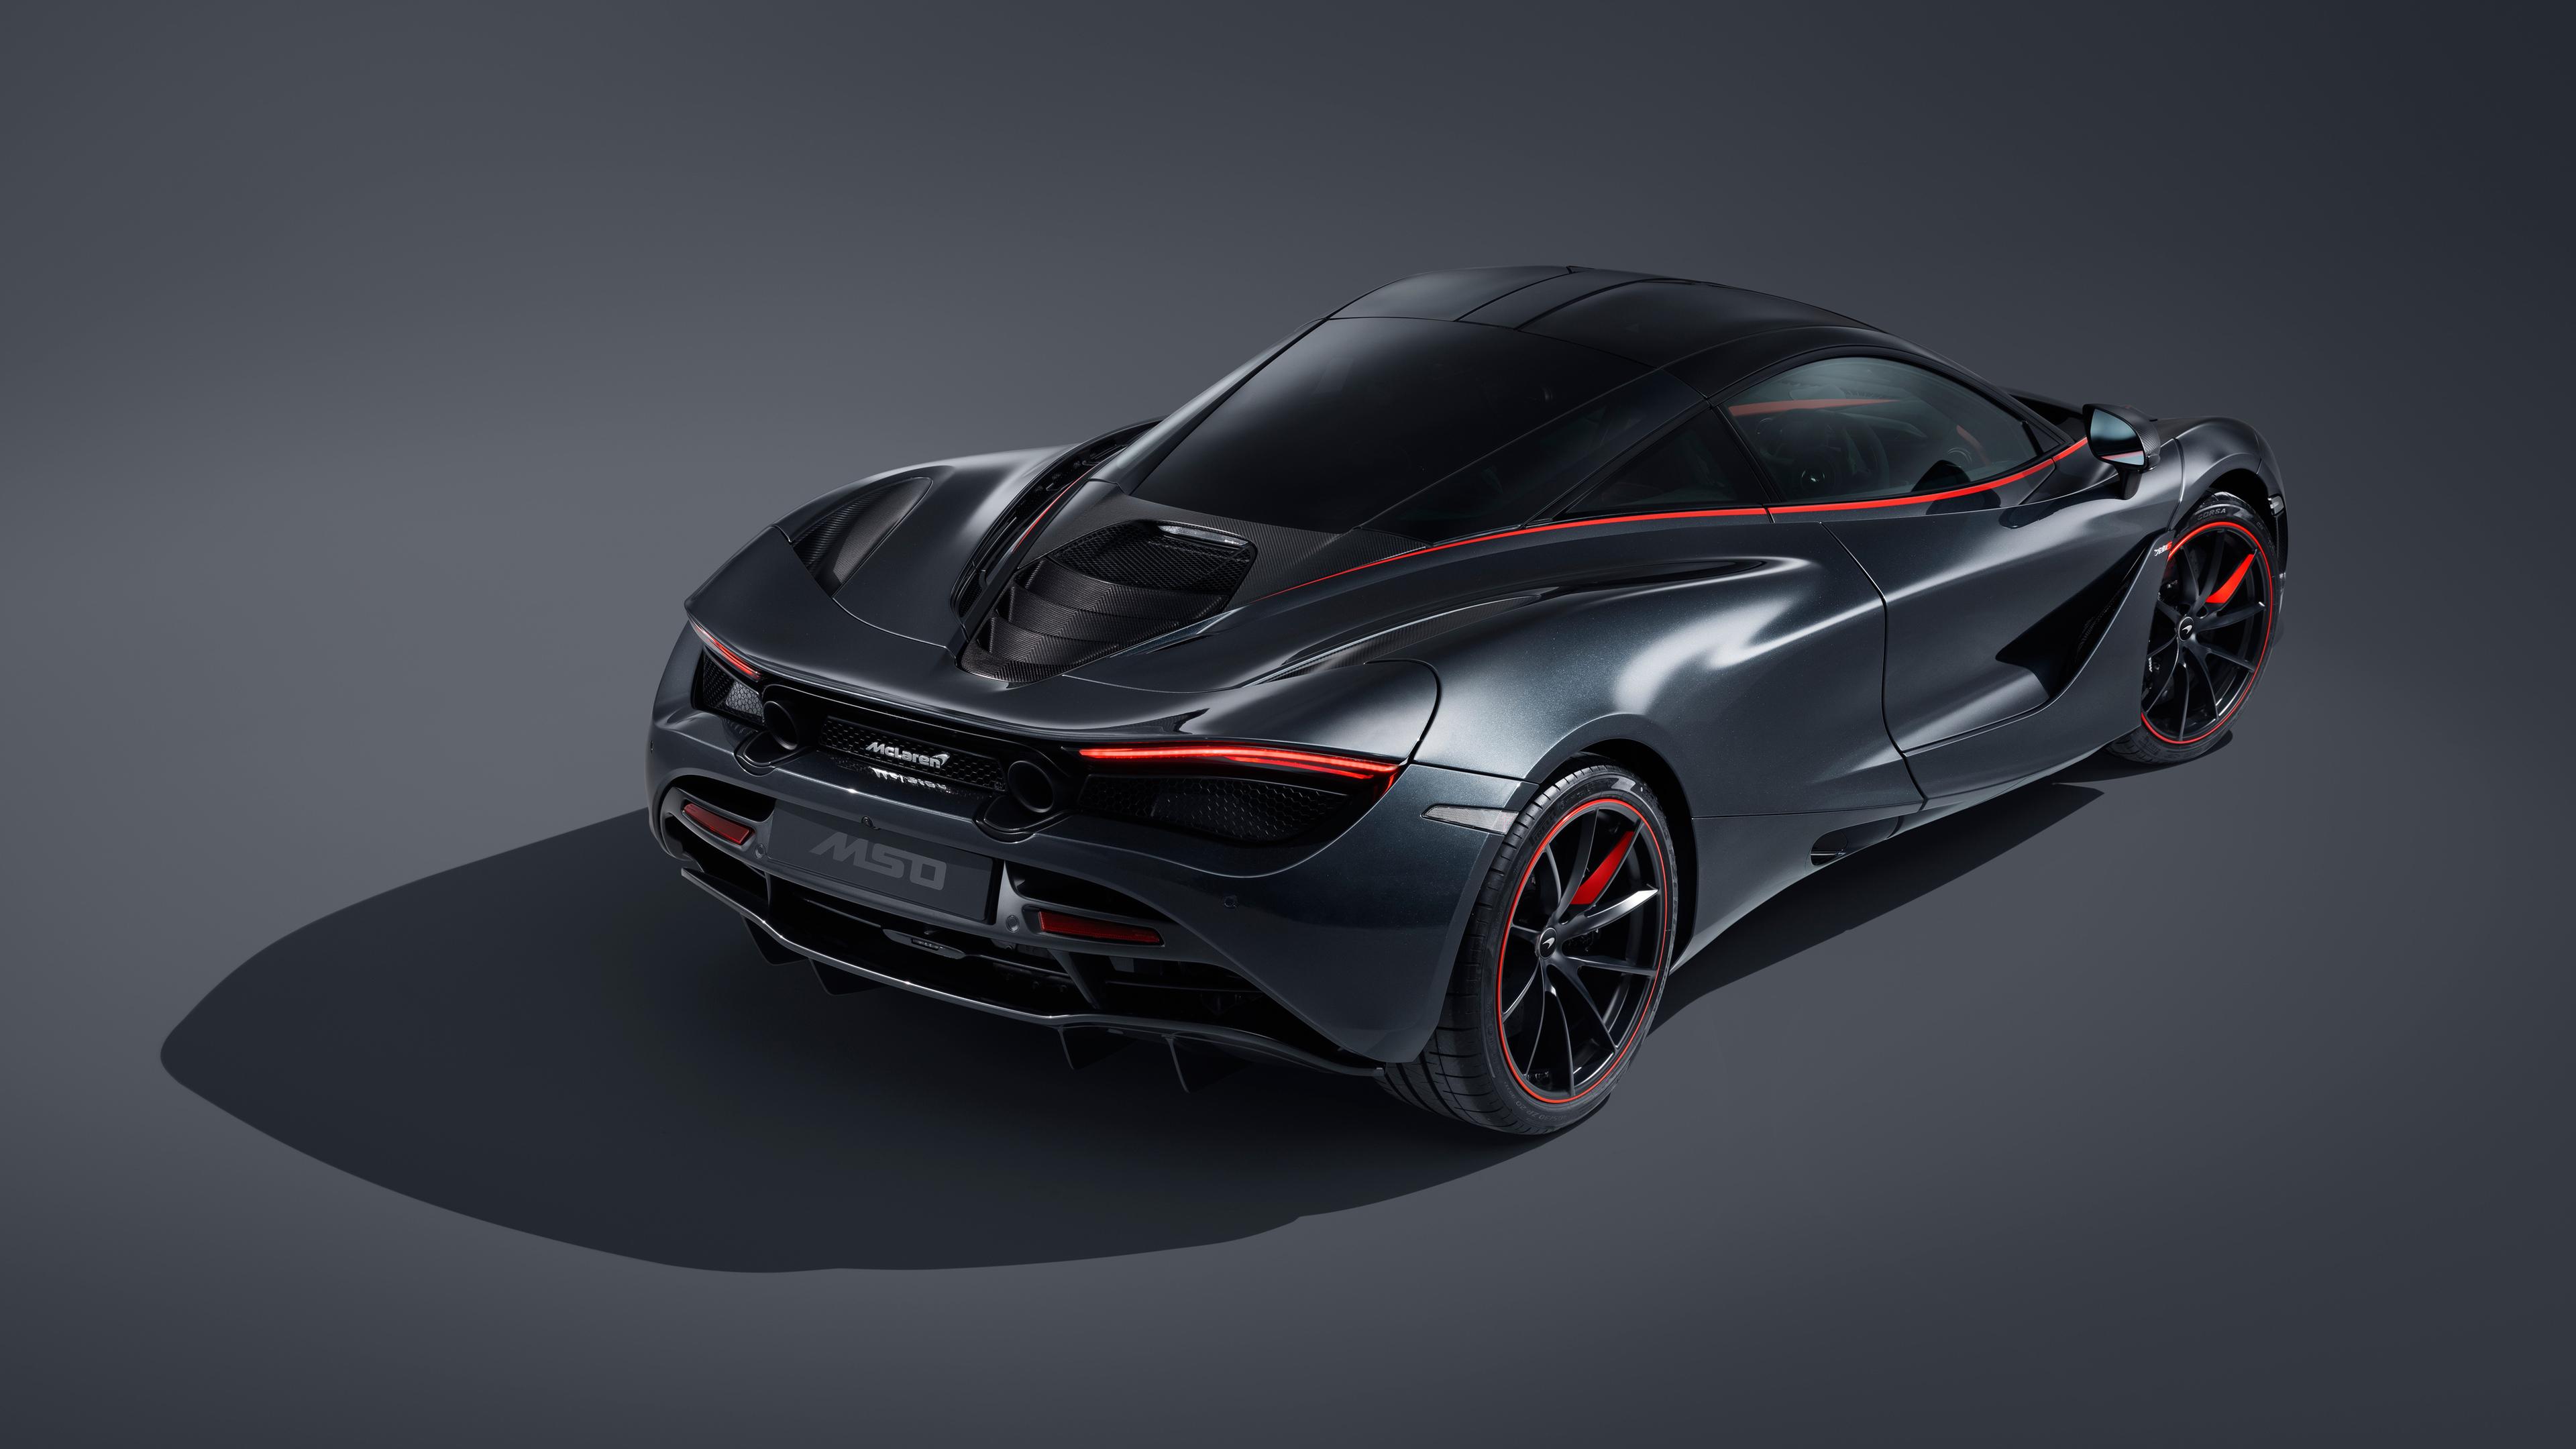 mclaren mso 720s stealth theme 2018 4k 1546361776 - McLaren MSO 720S Stealth Theme 2018 4k - mclaren wallpapers, mclaren 720s wallpapers, hd-wallpapers, cars wallpapers, 4k-wallpapers, 2018 cars wallpapers